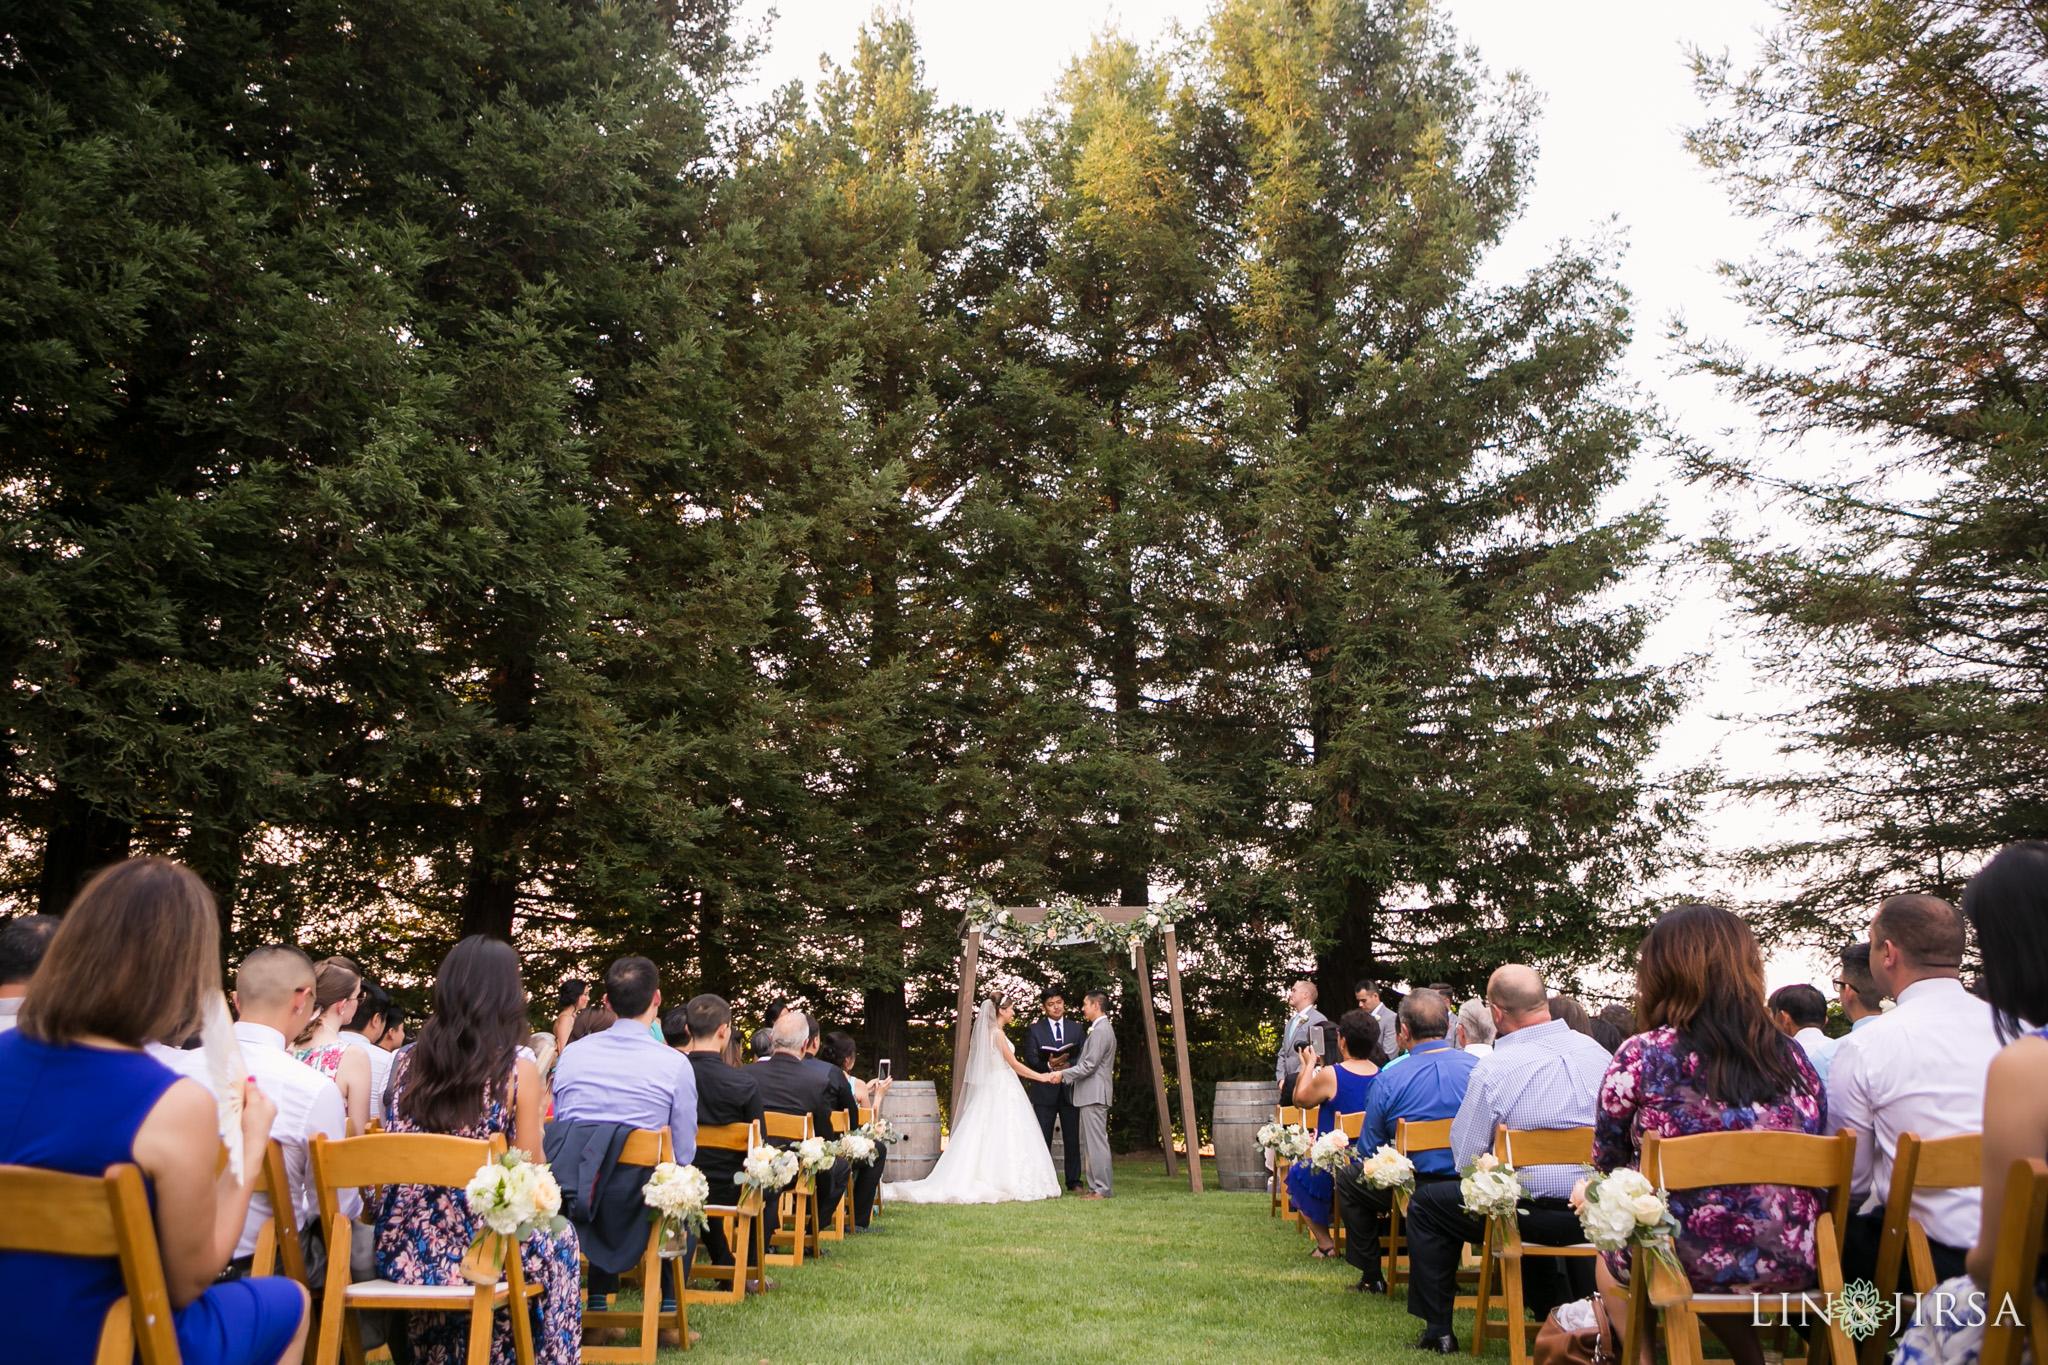 Trentadue Winery Wedding Ceremony